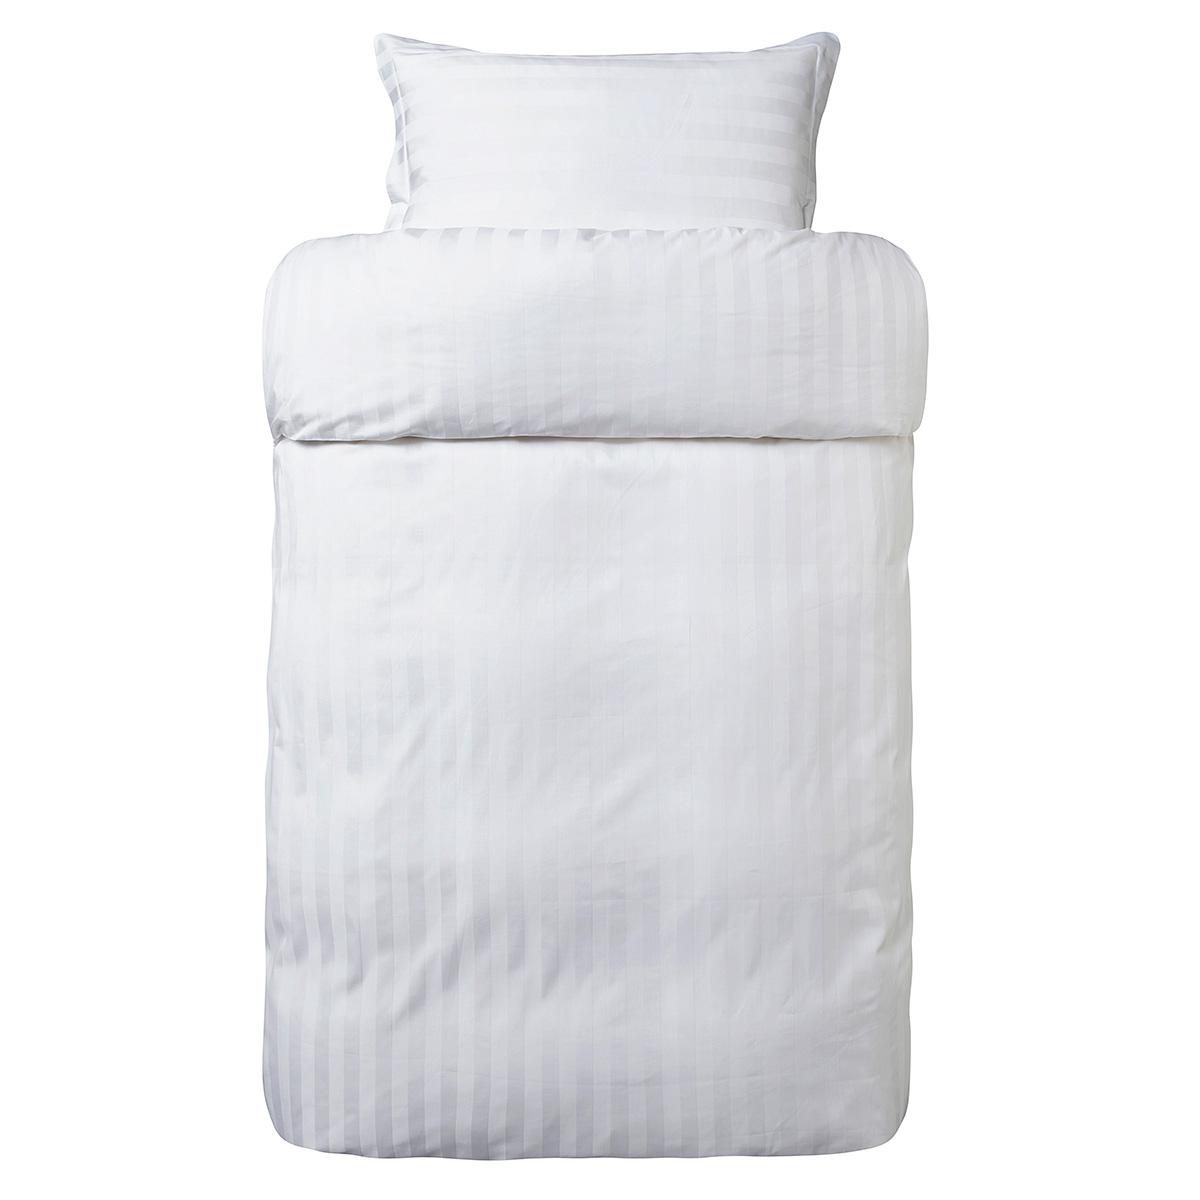 Image of   Høie sengetøj - London - Hvid